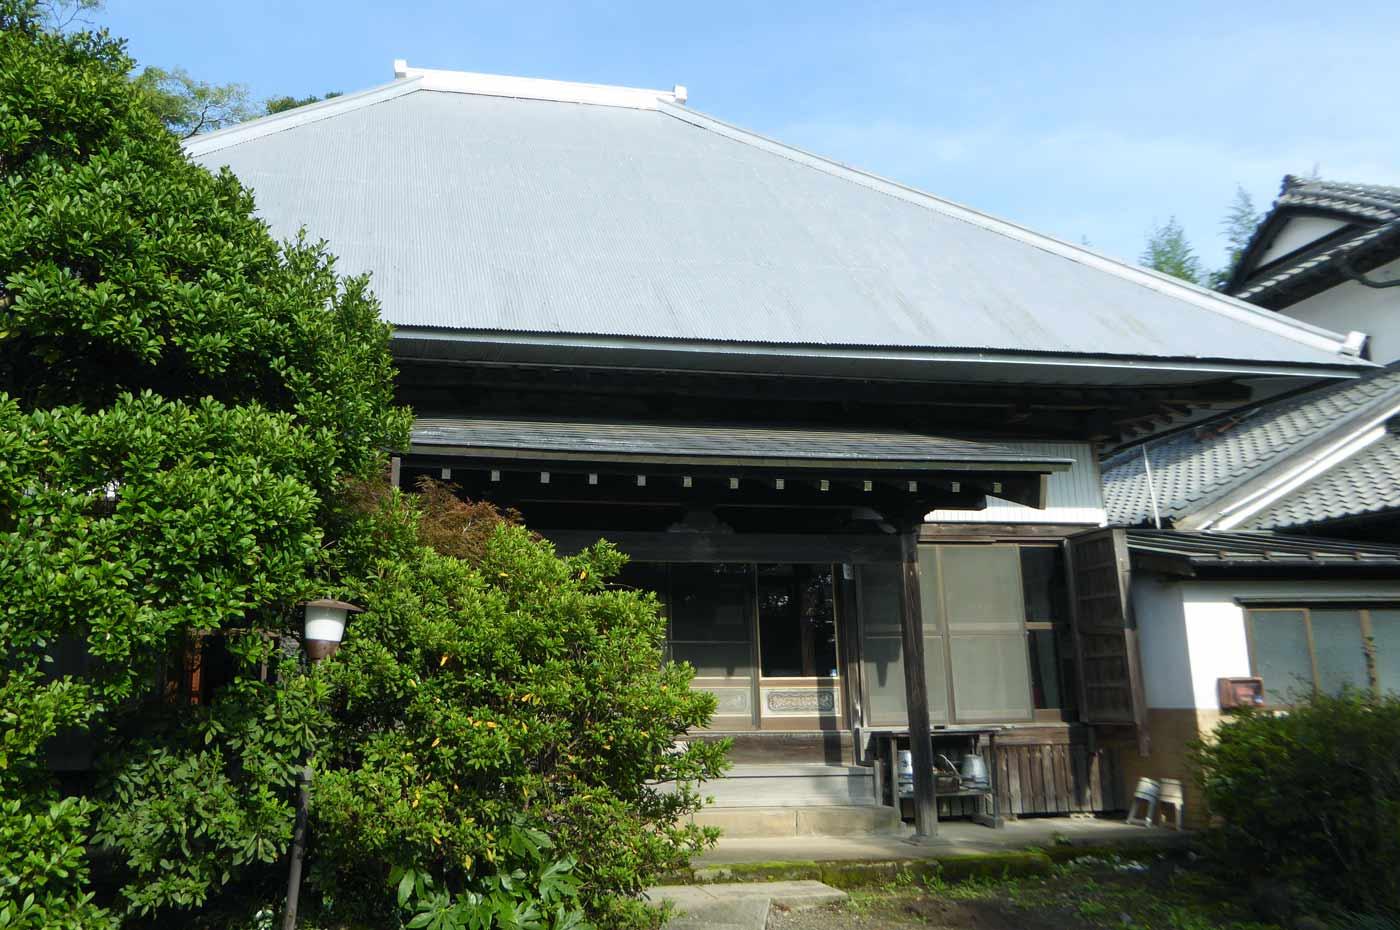 瑞岩寺本堂の画像